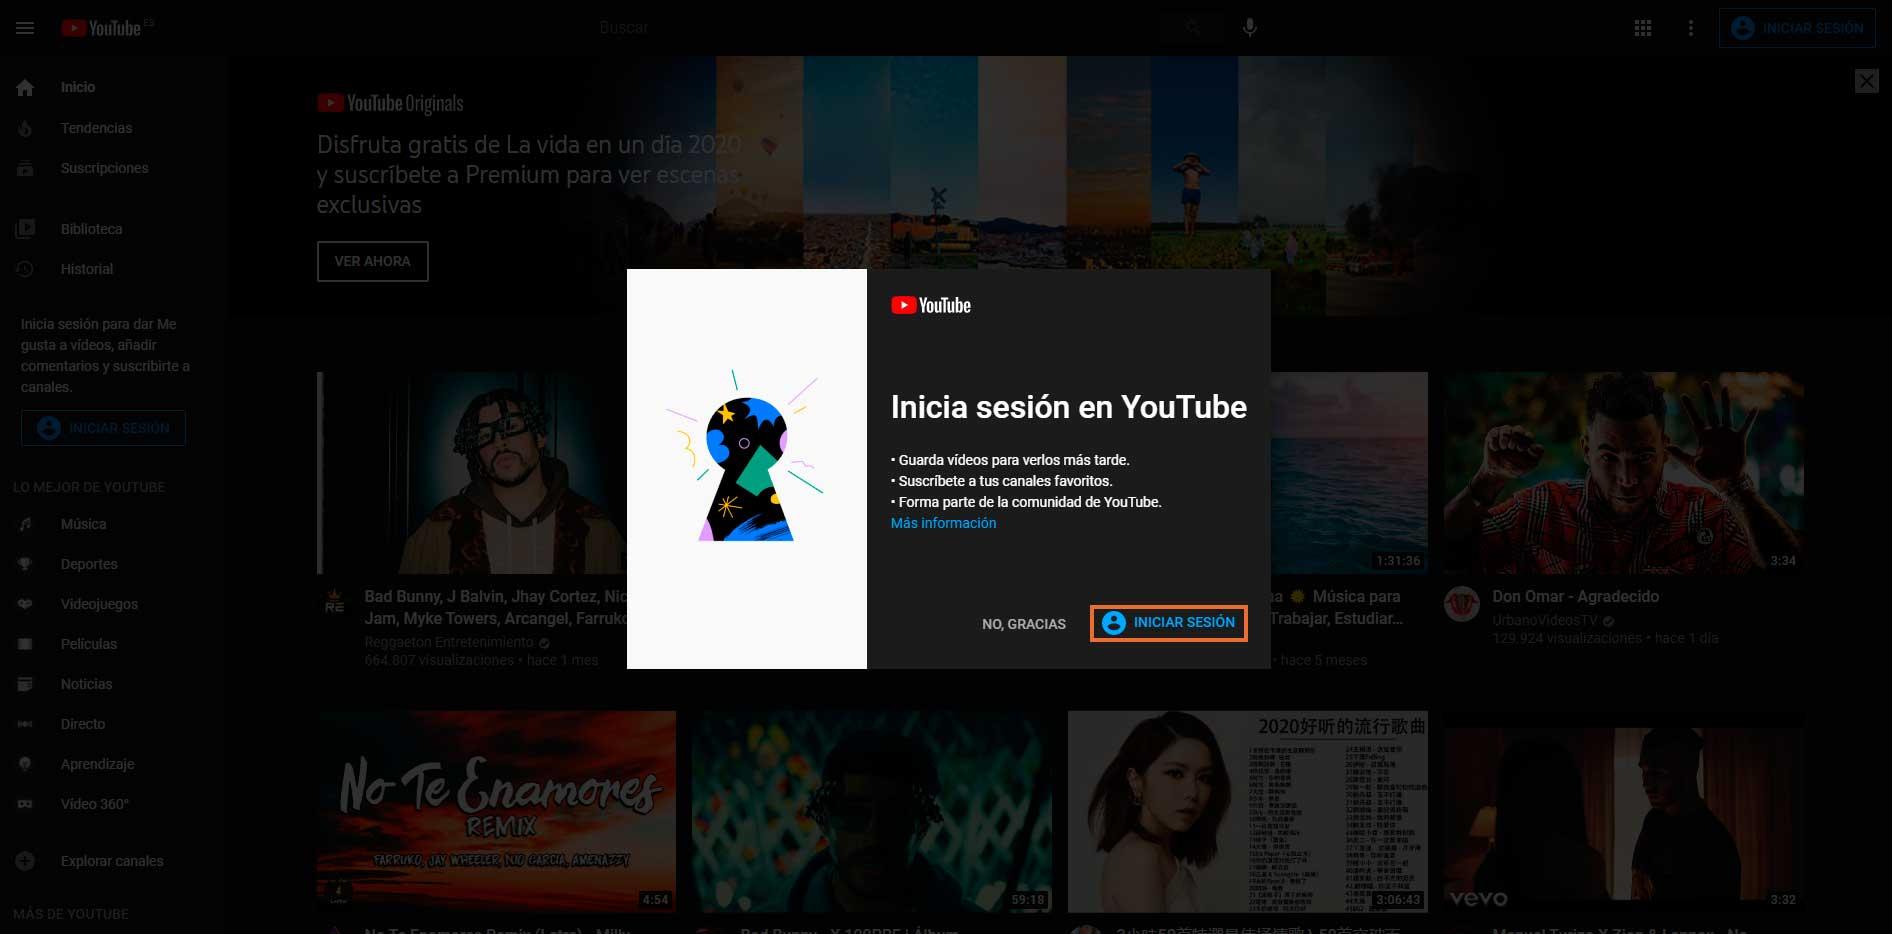 Iniciar sesión en YouTube